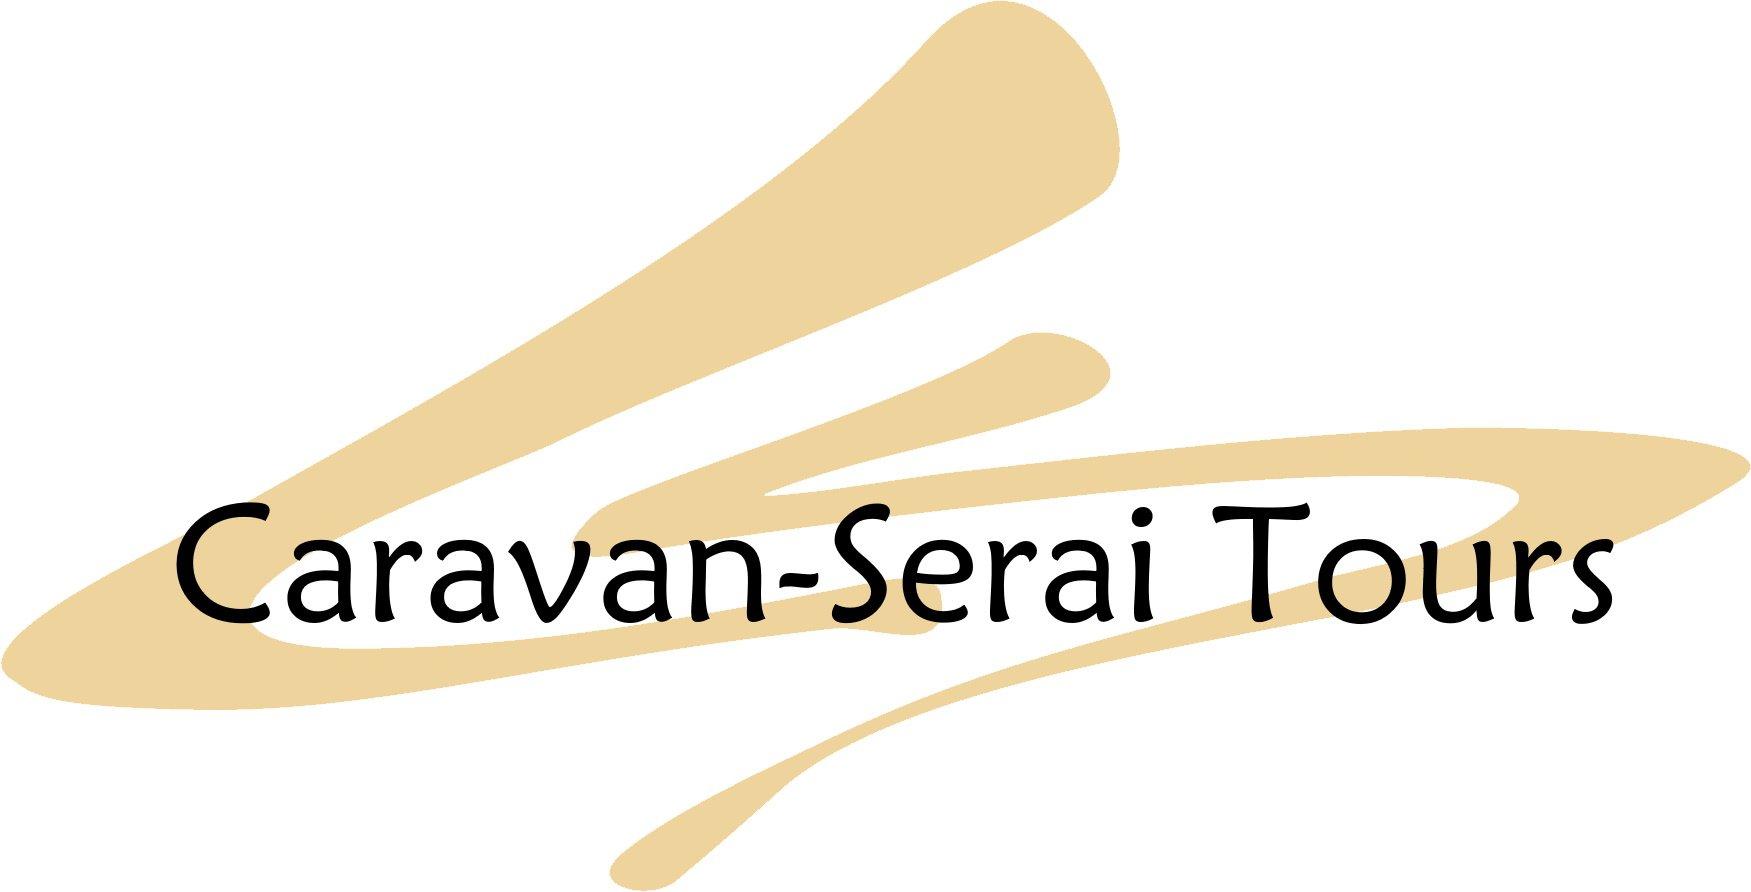 Caravan-Serai Tours